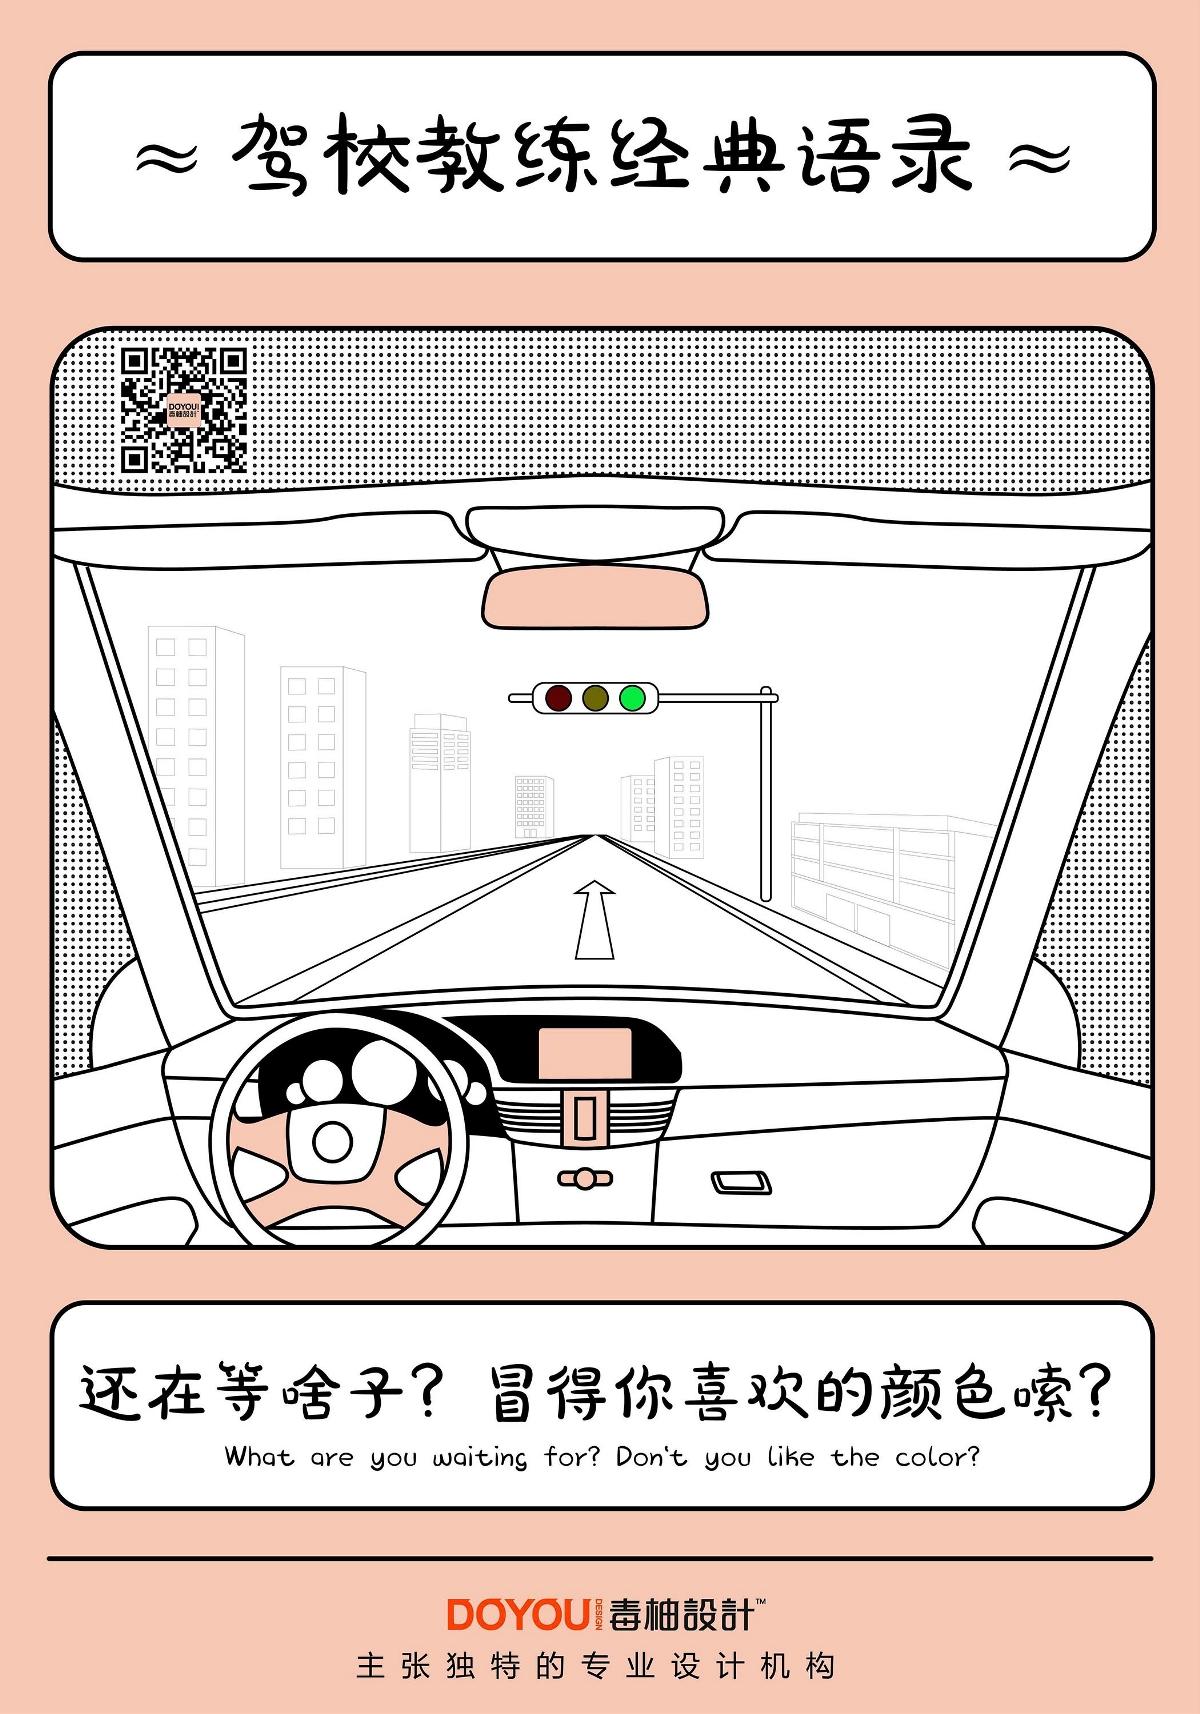 驾校语录的经典教练-中国v语录网室内设计微课ppt图片